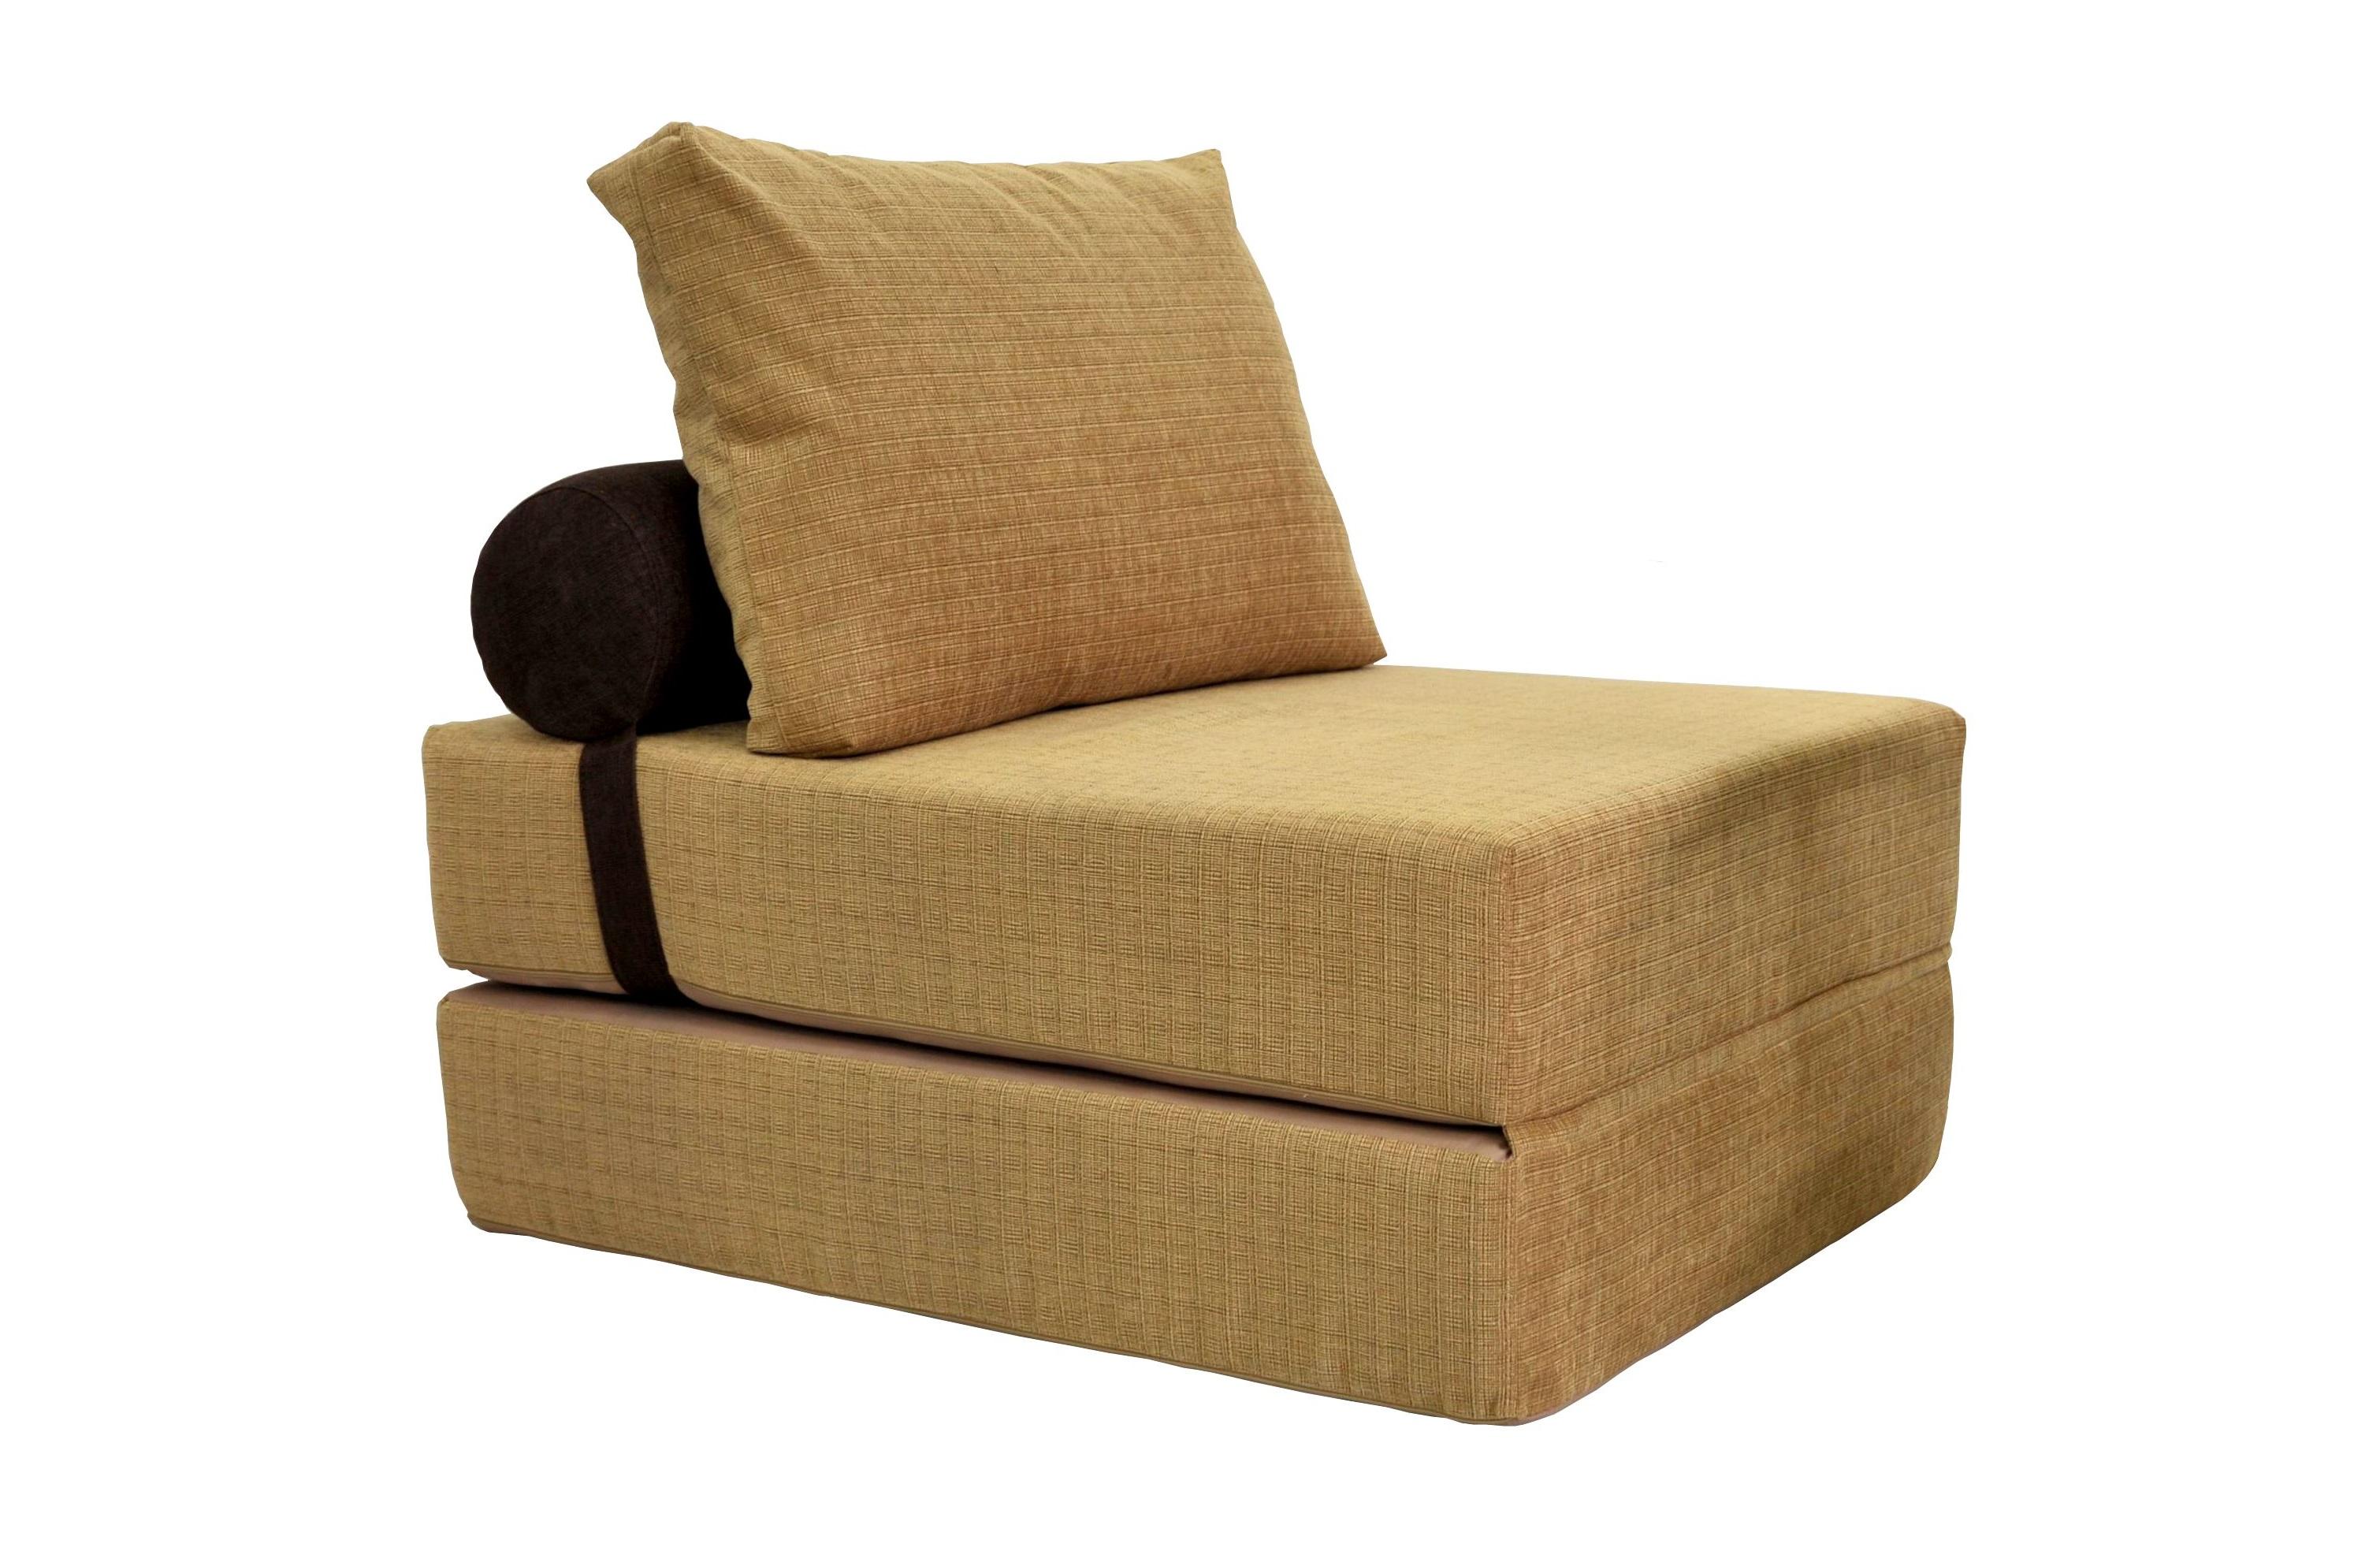 Кресло-кровать Costa GoldКресла-кровати<br>Бескаркасное кресло-кровать из коллекции IQMebel  идеально для использования в небольших комнатах, поскольку в сложенном виде кресло занимает чуть более половины квадратного метра. В тоже время, в разложенном варианте, кресло-кровать представляет собой полноценное спальное место для взрослого человека. Отсутствие твердых элементов гарантирует вашу безопасность и защиту от травм. Габариты: длина 100см. (в сложенном виде), длина 200см. (в разложенном).&amp;amp;nbsp;&amp;lt;div&amp;gt;&amp;lt;br&amp;gt;&amp;lt;/div&amp;gt;&amp;lt;div&amp;gt;Ткань: внешний чехол – рогожка, полиэстер.&amp;amp;nbsp;&amp;lt;/div&amp;gt;&amp;lt;div&amp;gt;Внутренний чехол – есть, нейлон-хлопок.&amp;amp;nbsp;&amp;lt;/div&amp;gt;<br><br>Material: Текстиль<br>Ширина см: 100<br>Высота см: 40<br>Глубина см: 70